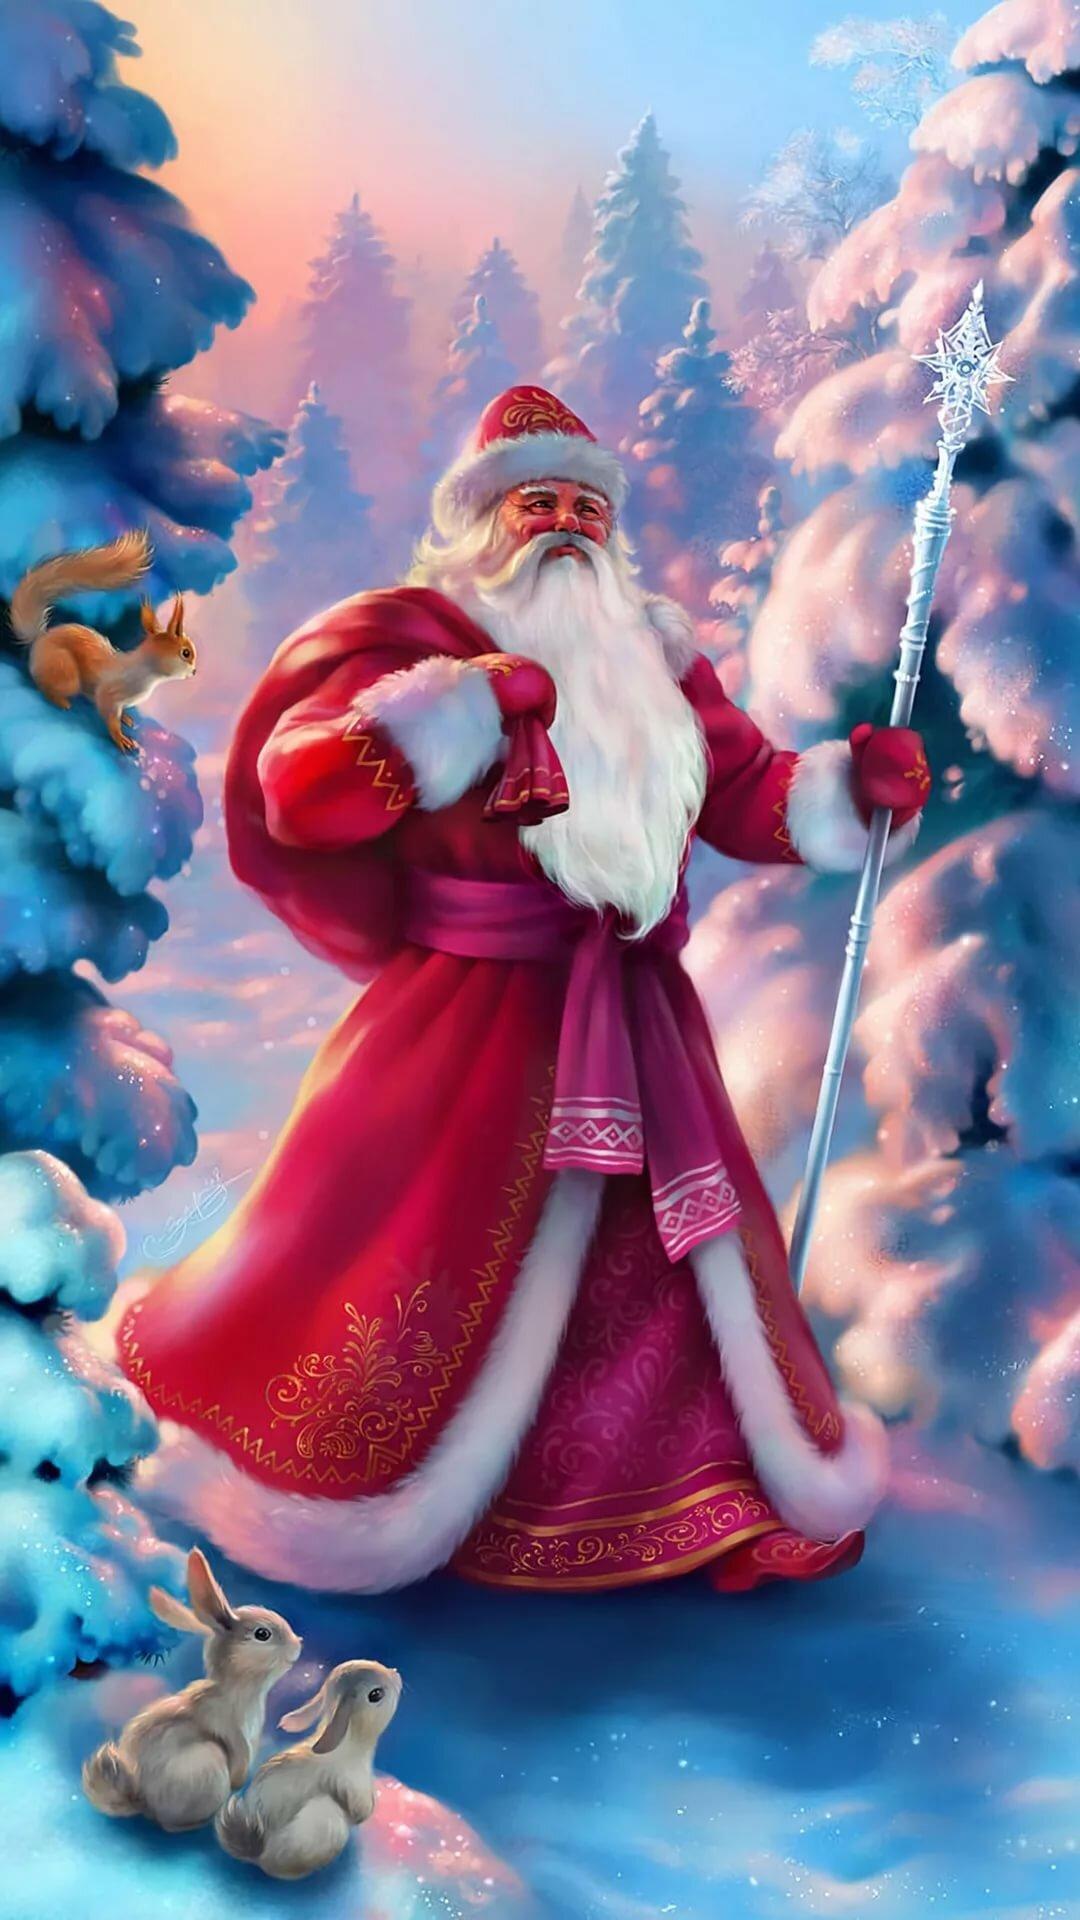 Красивые новогодние картинки деда мороза